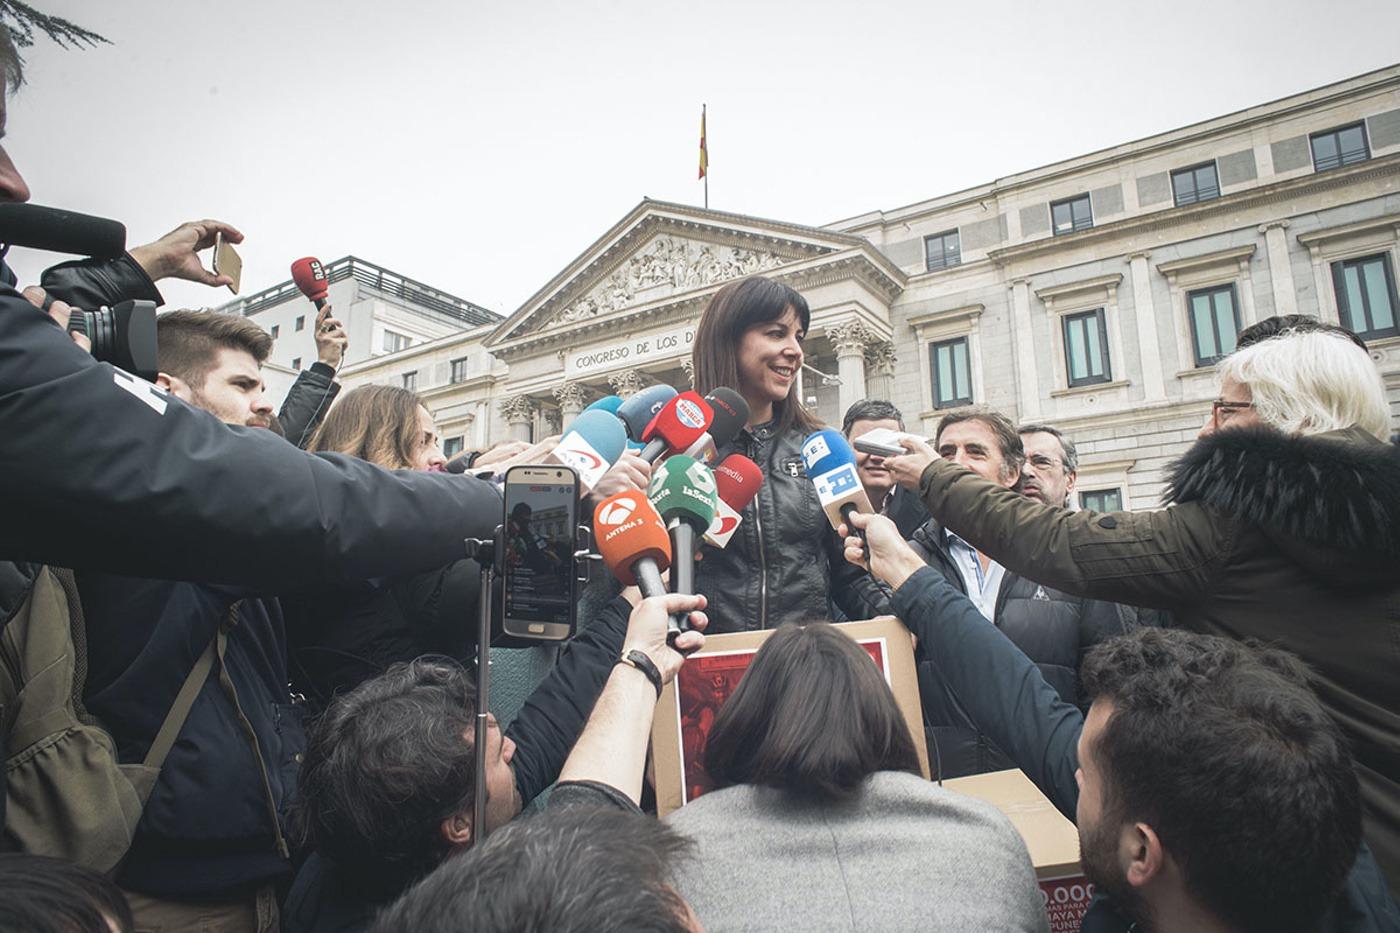 Mañana, 20 de febrero, se hará realidad #PorUnaLeyJusta en el Senado